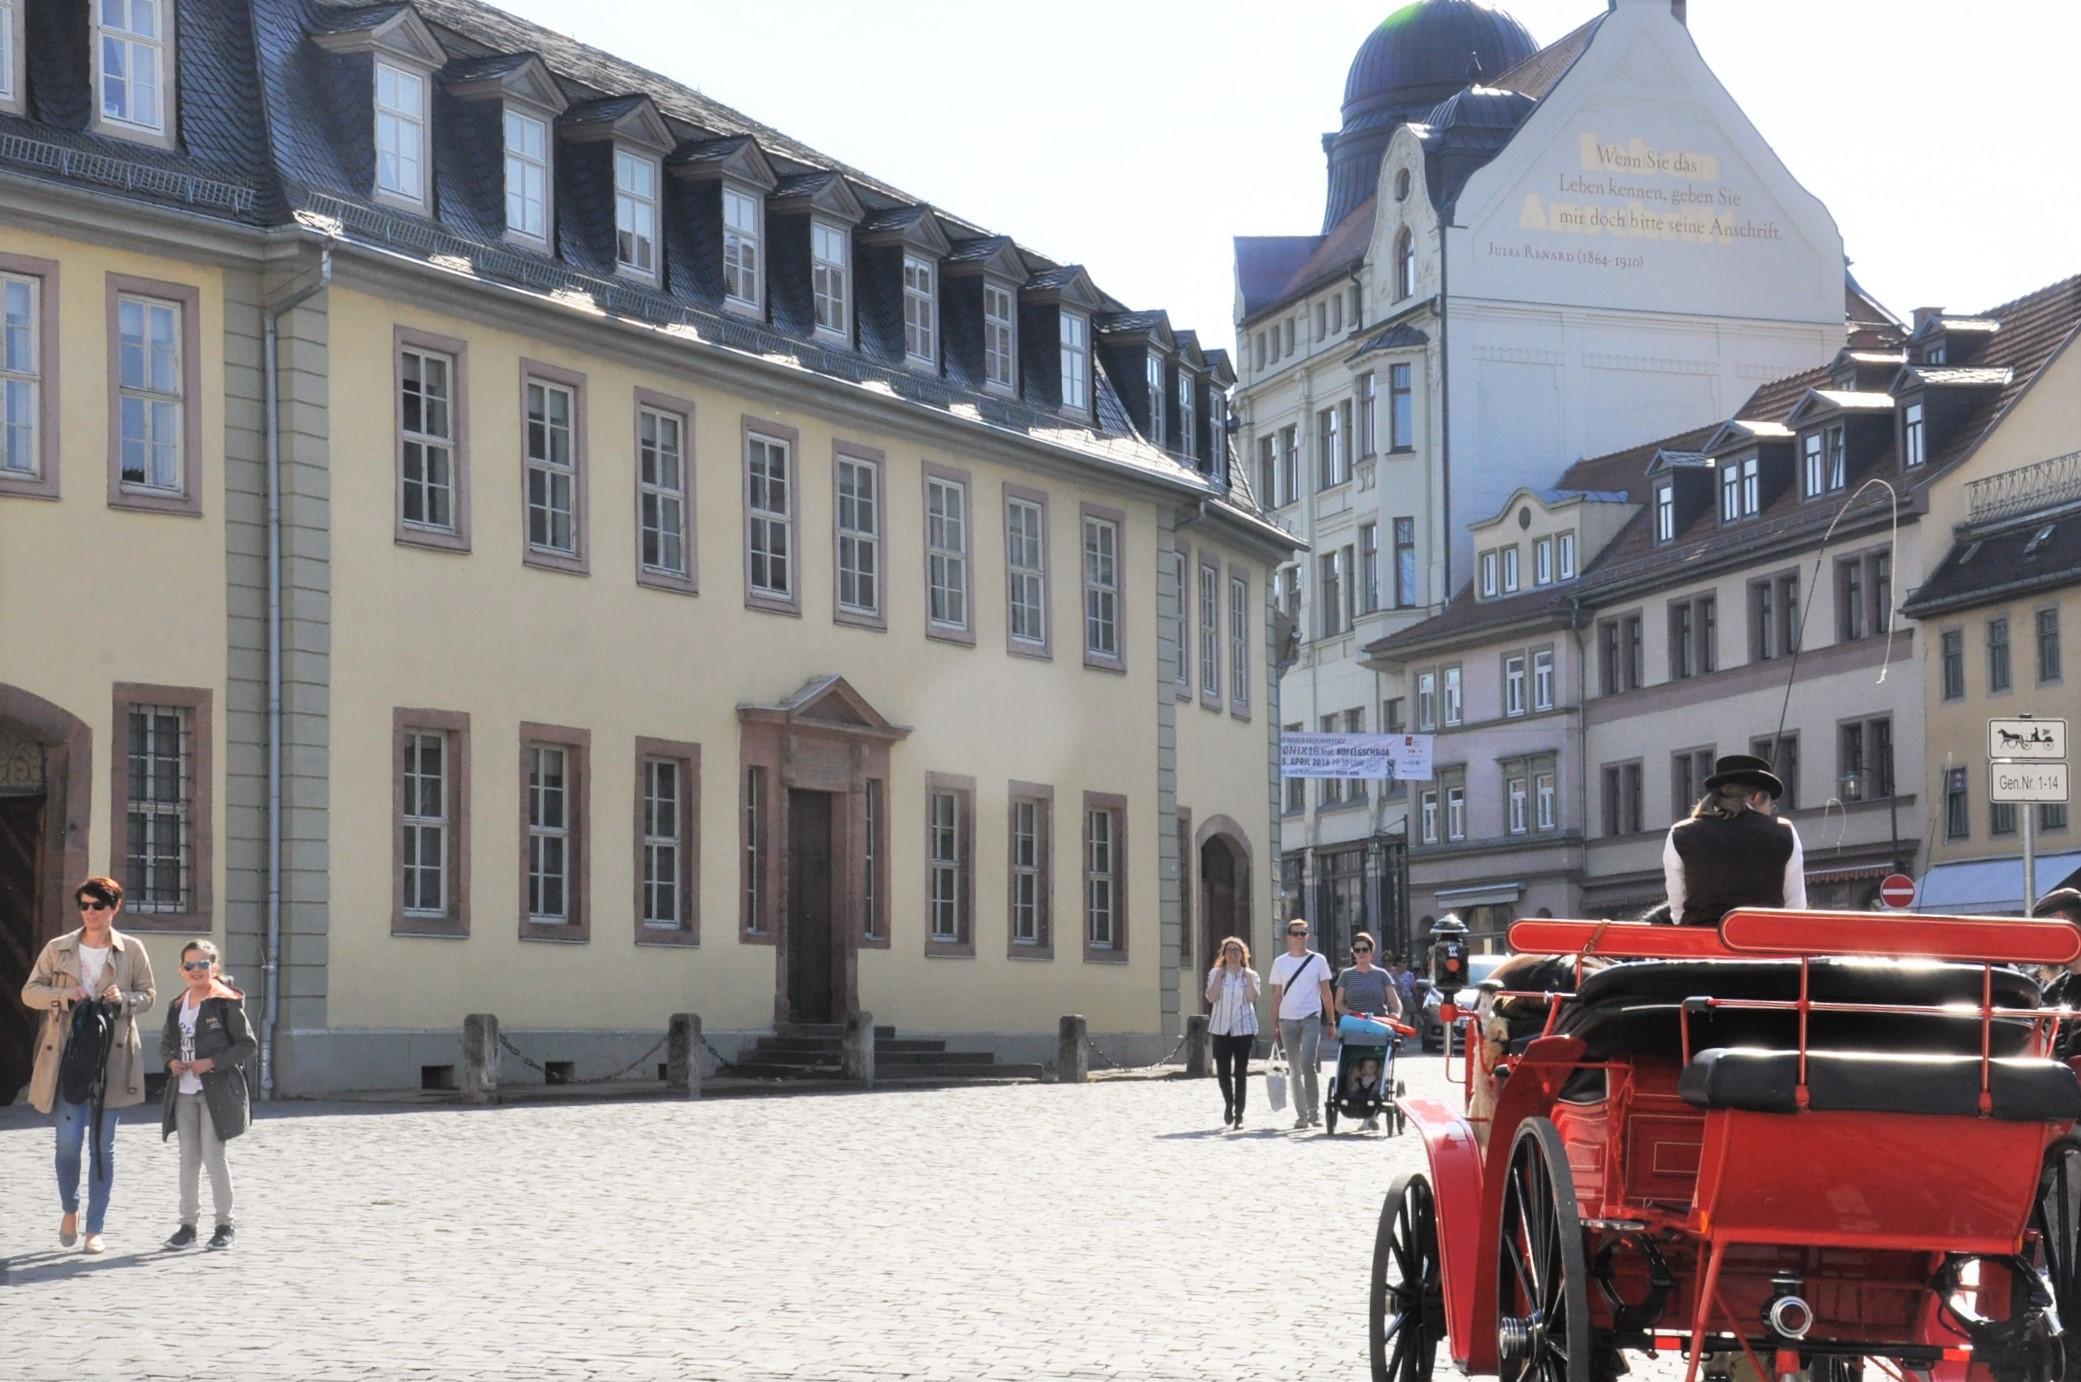 Goethe Wohnhaus Historischer Stadtrundgang durch Weimar - Duchess Anna Amalia Library - (1)